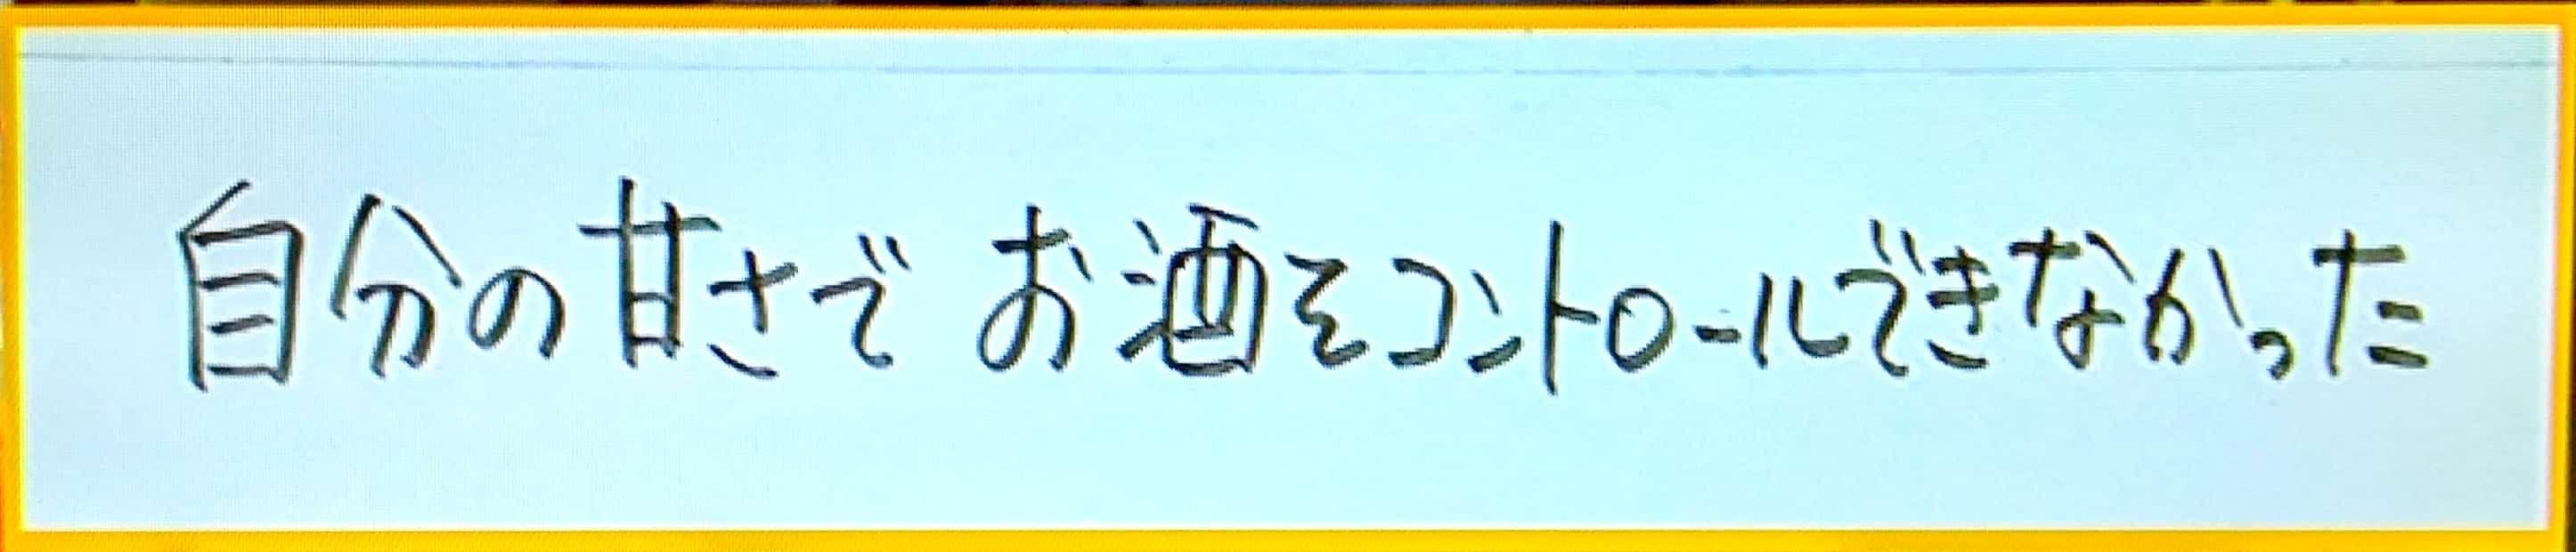 関ジャニ∞・錦戸亮の